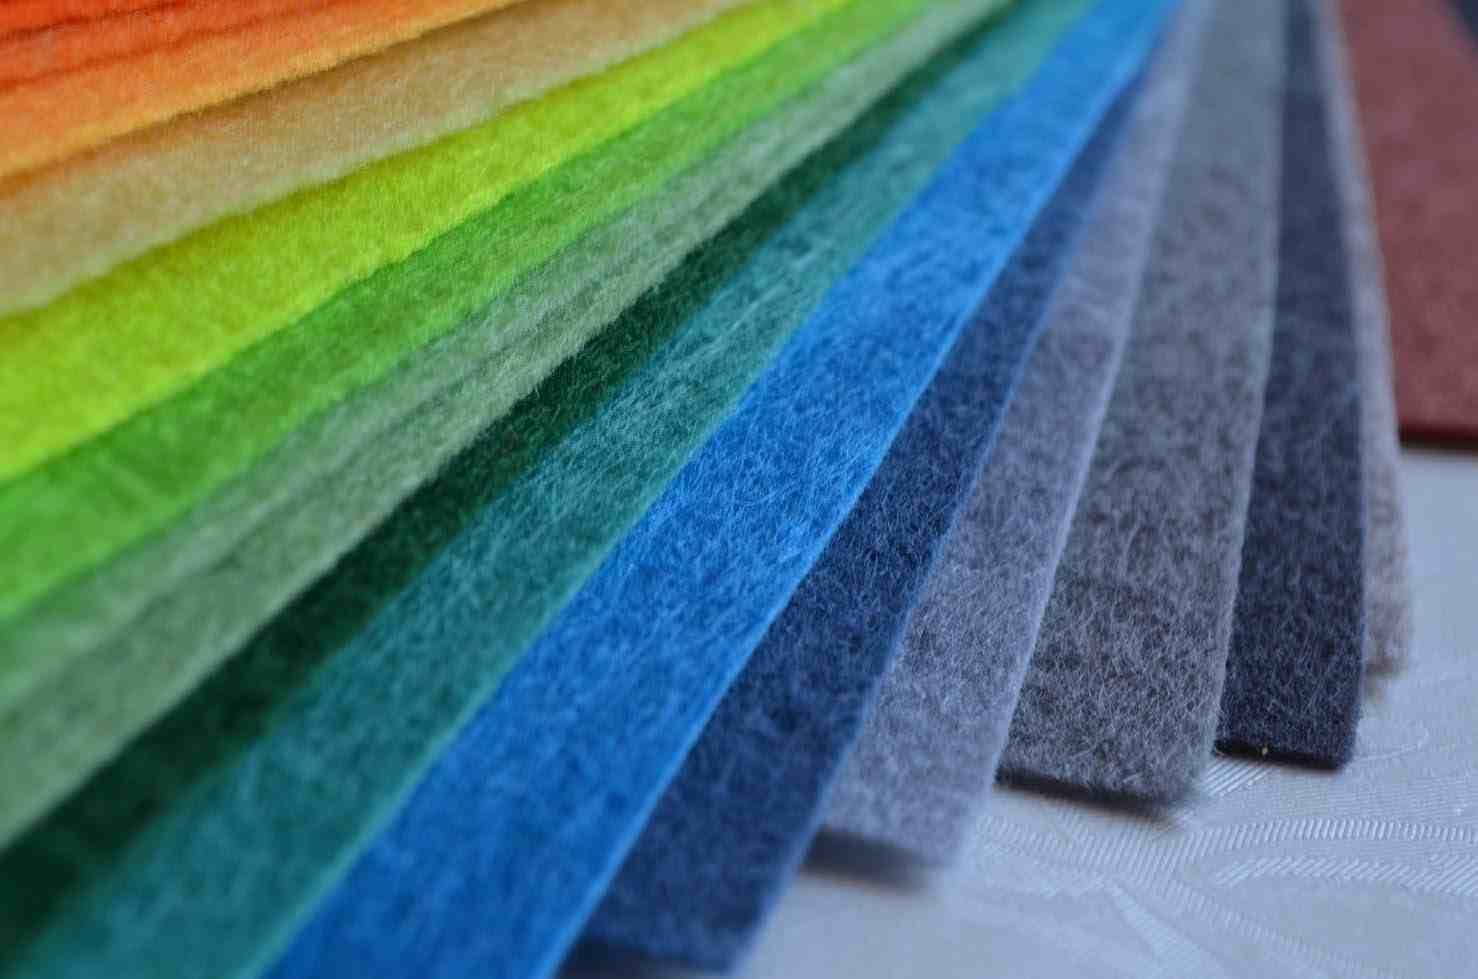 Фетр — экологичный и безопасный материал, поэтому он и рекомендуется для детей